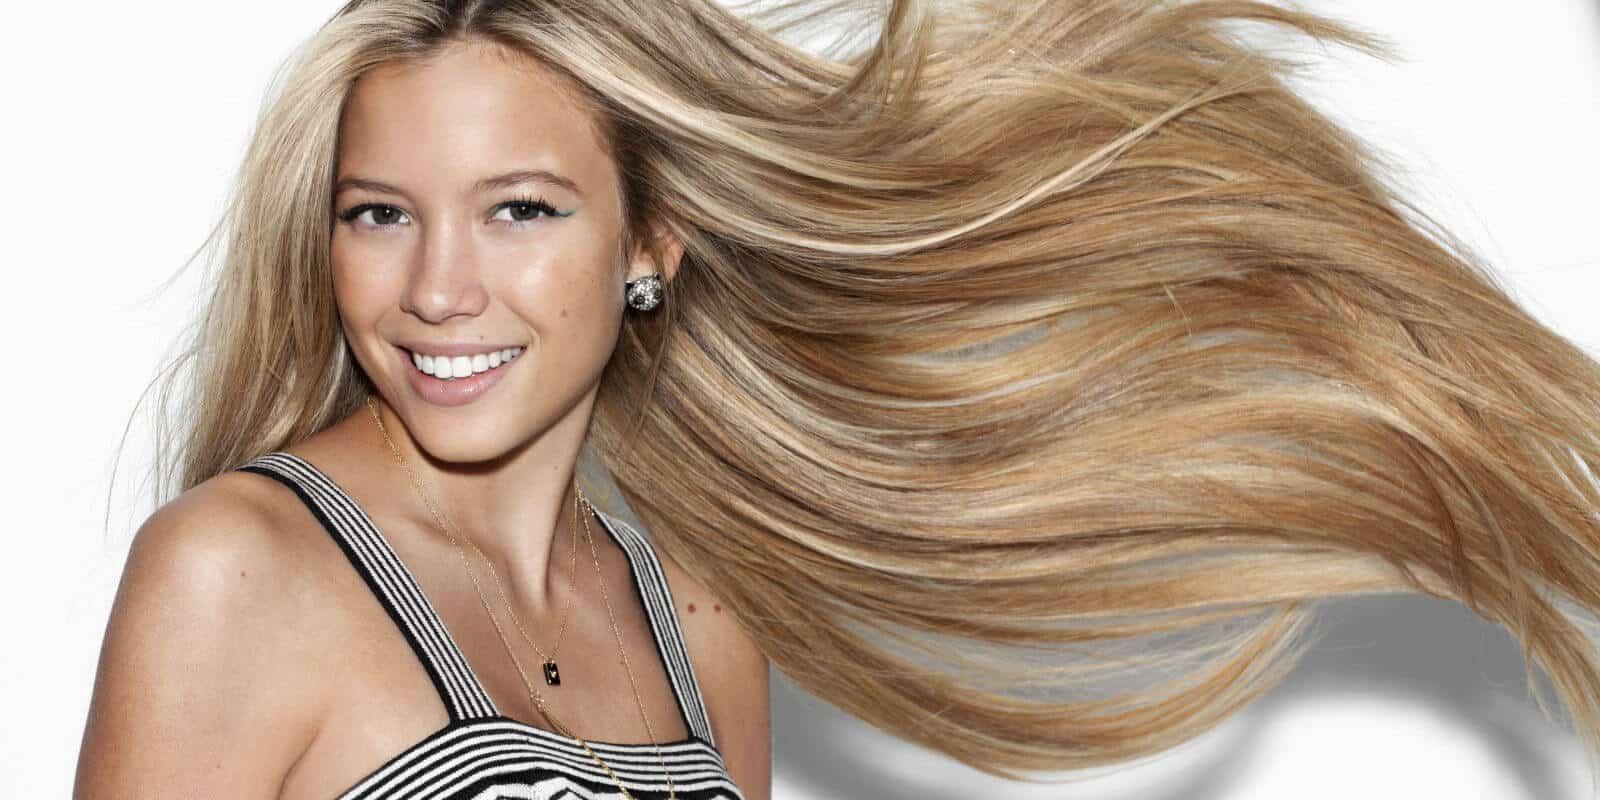 أفضل الفيتامينات التي تساعد على تطويل الشعر